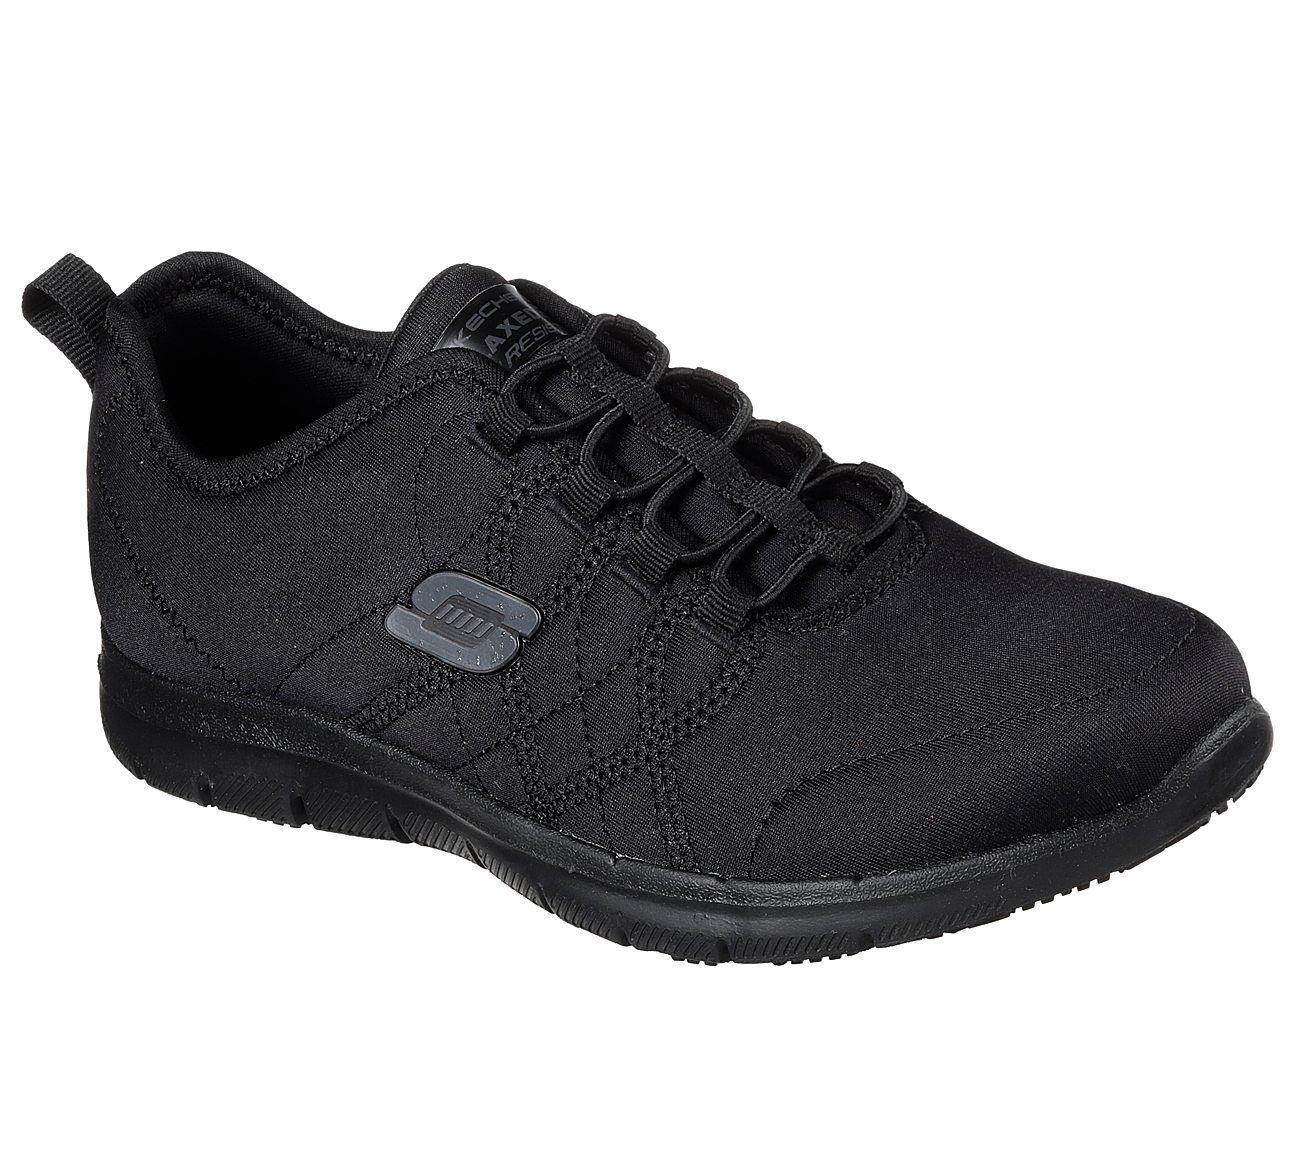 77211 noir Skechers chaussures femmes mousse à mémoire de travail antidérapant Confort Sporty